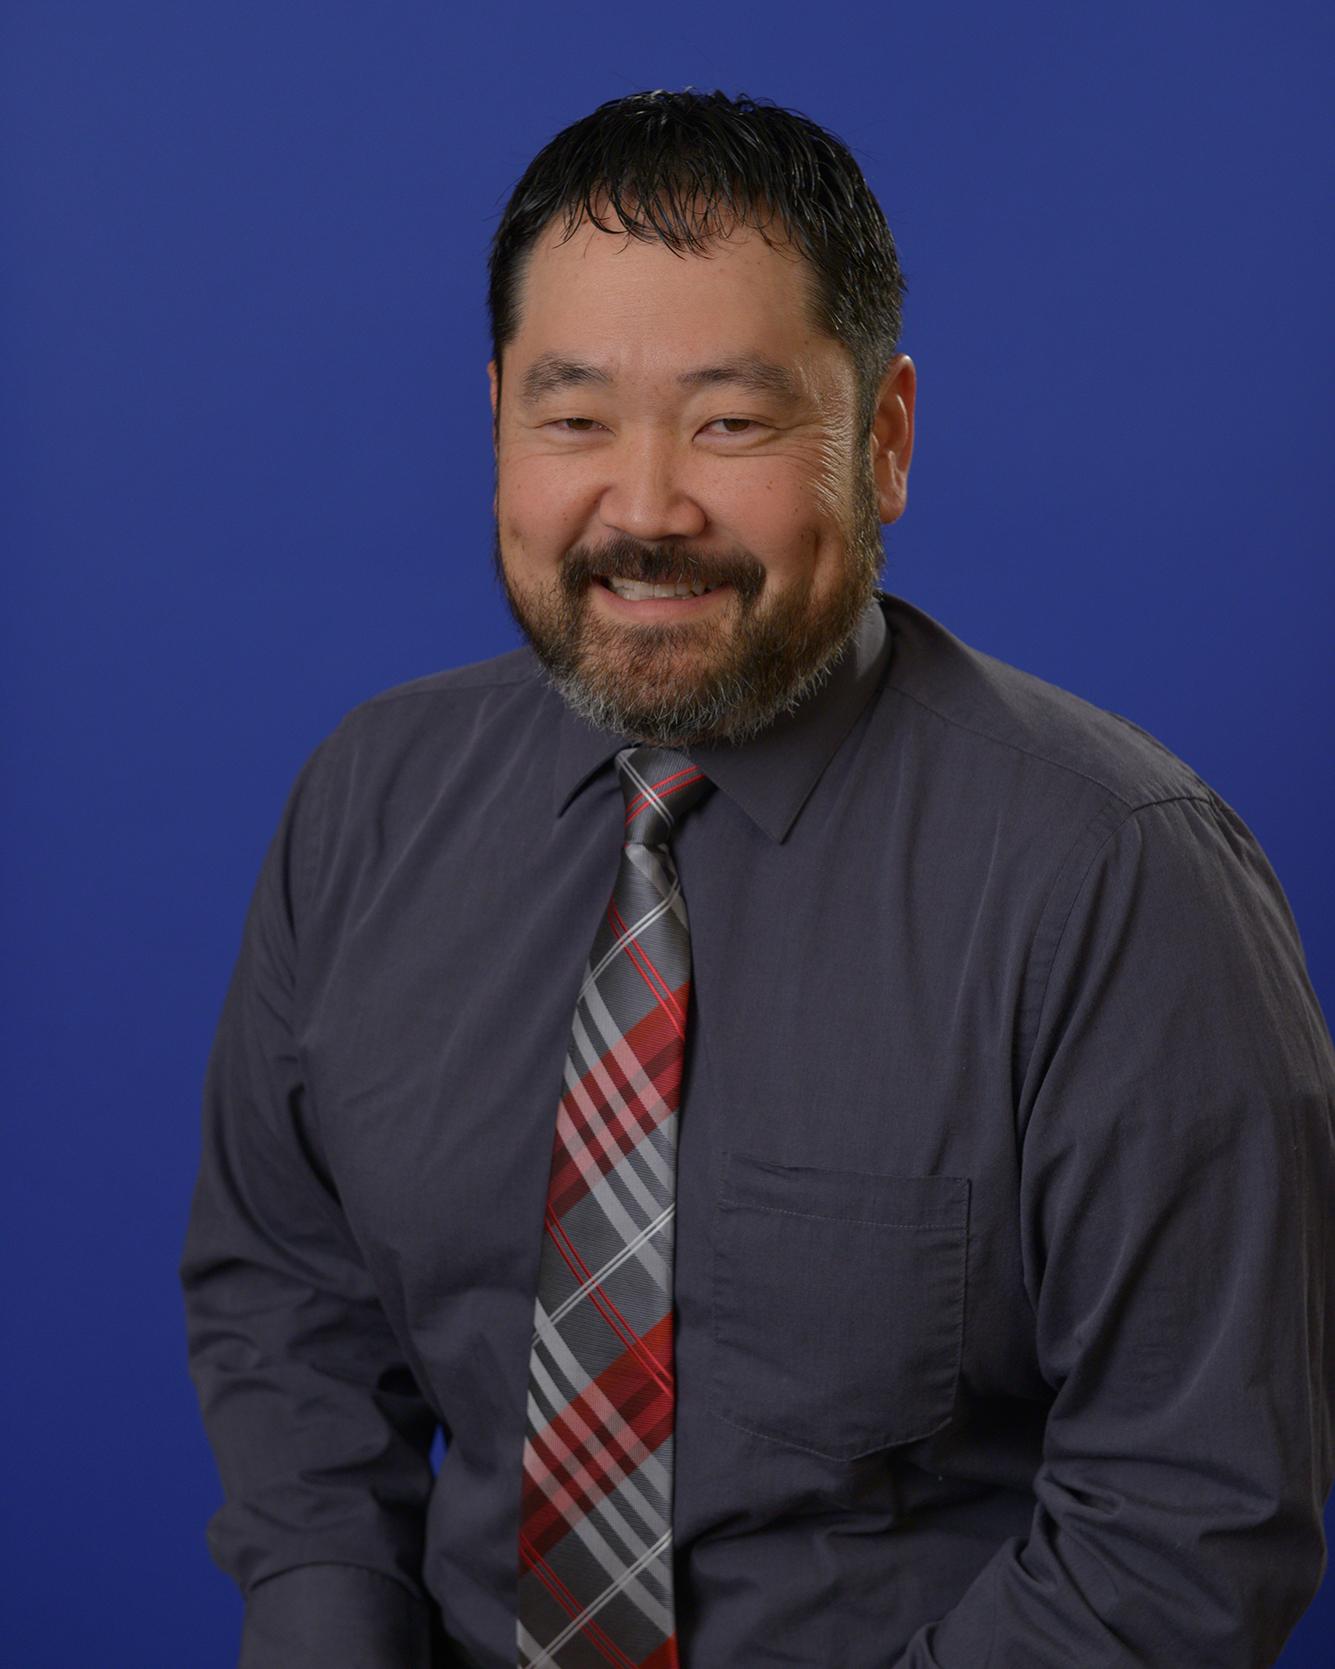 Portrait of Nate Shimatsu.